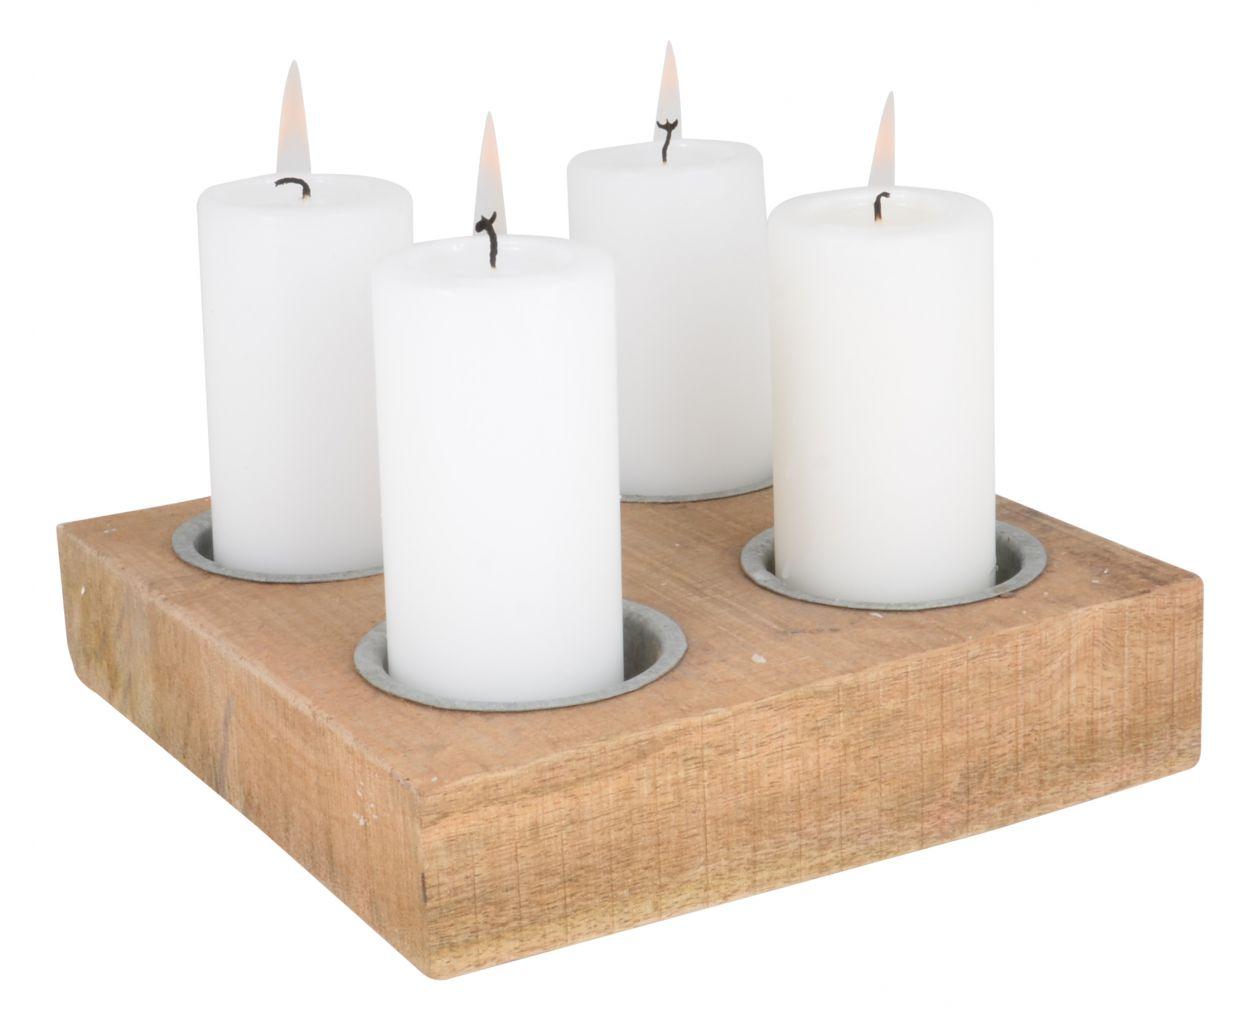 Dřevěný adventní svícen WOOD IB LAURSEN